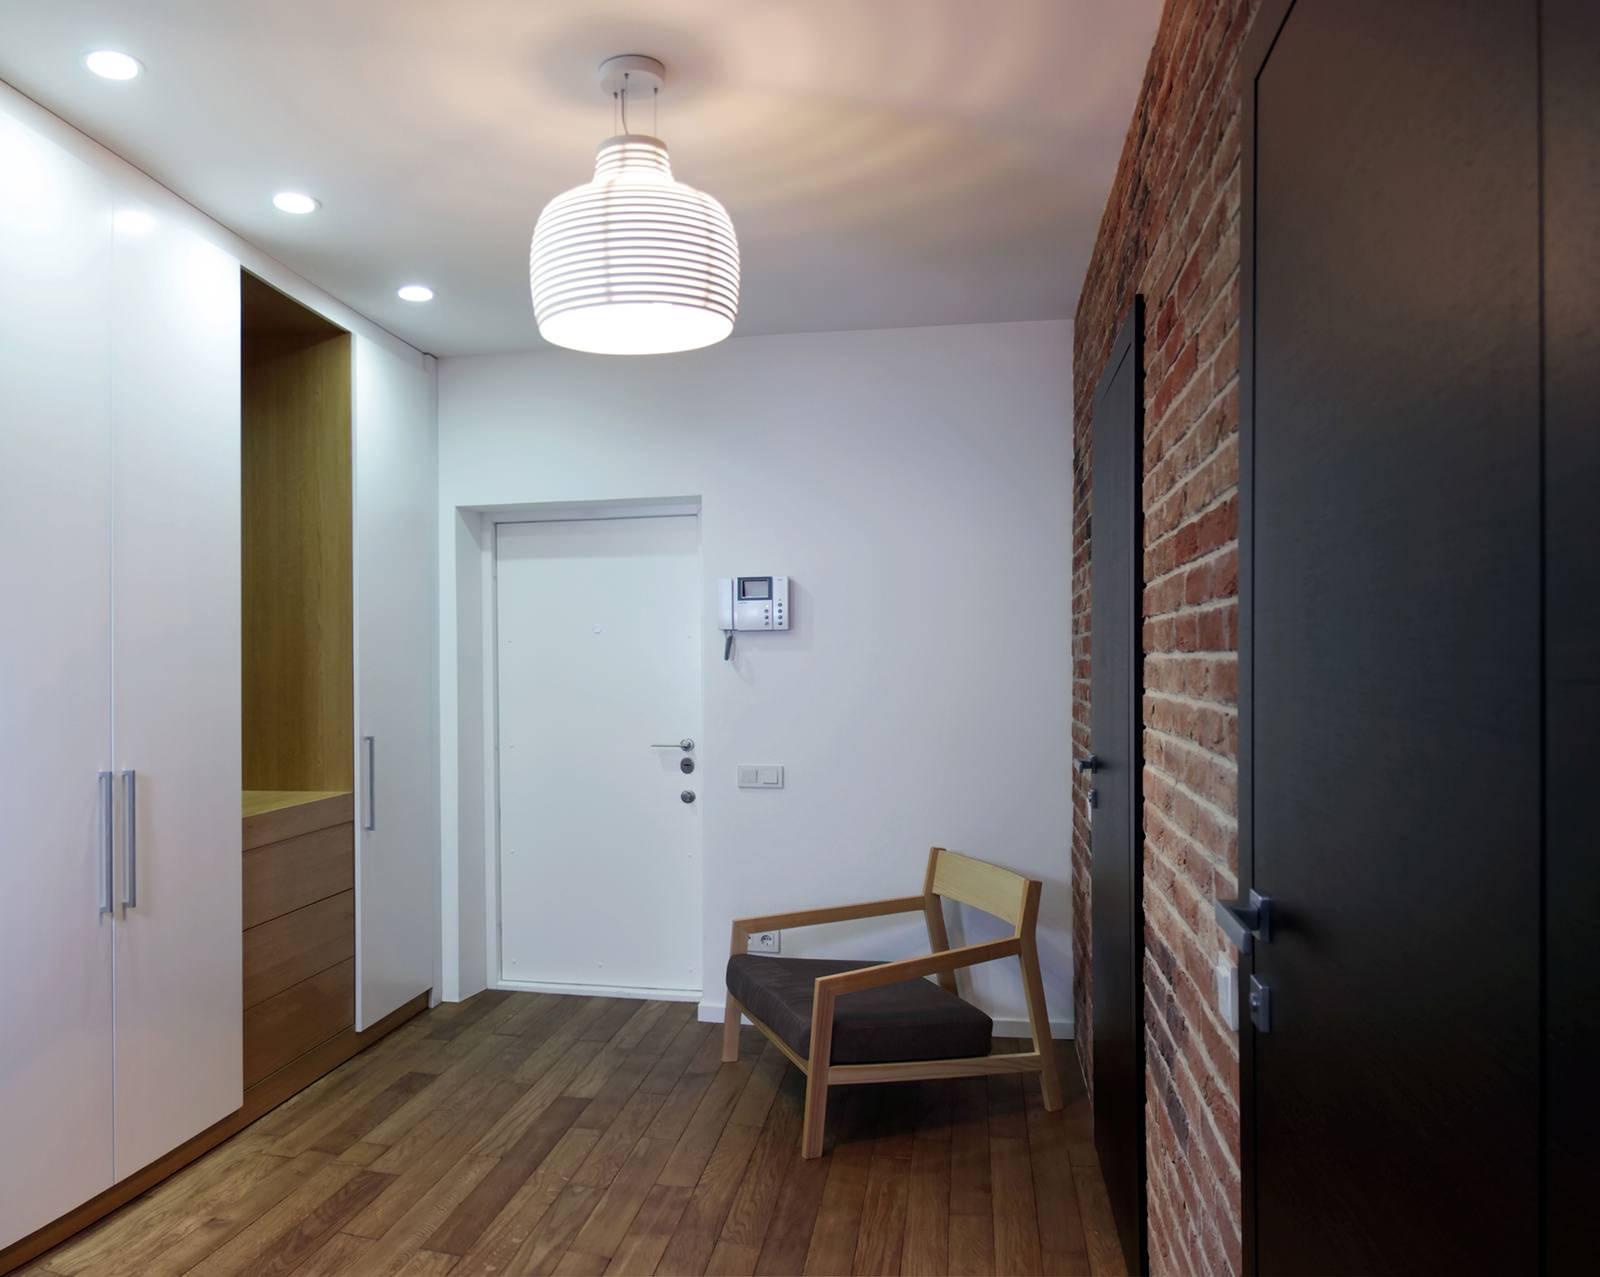 Бюджетный ремонт квартиры. фото и идеи. ремонт пола, стен и потолка. пошаговое руководство